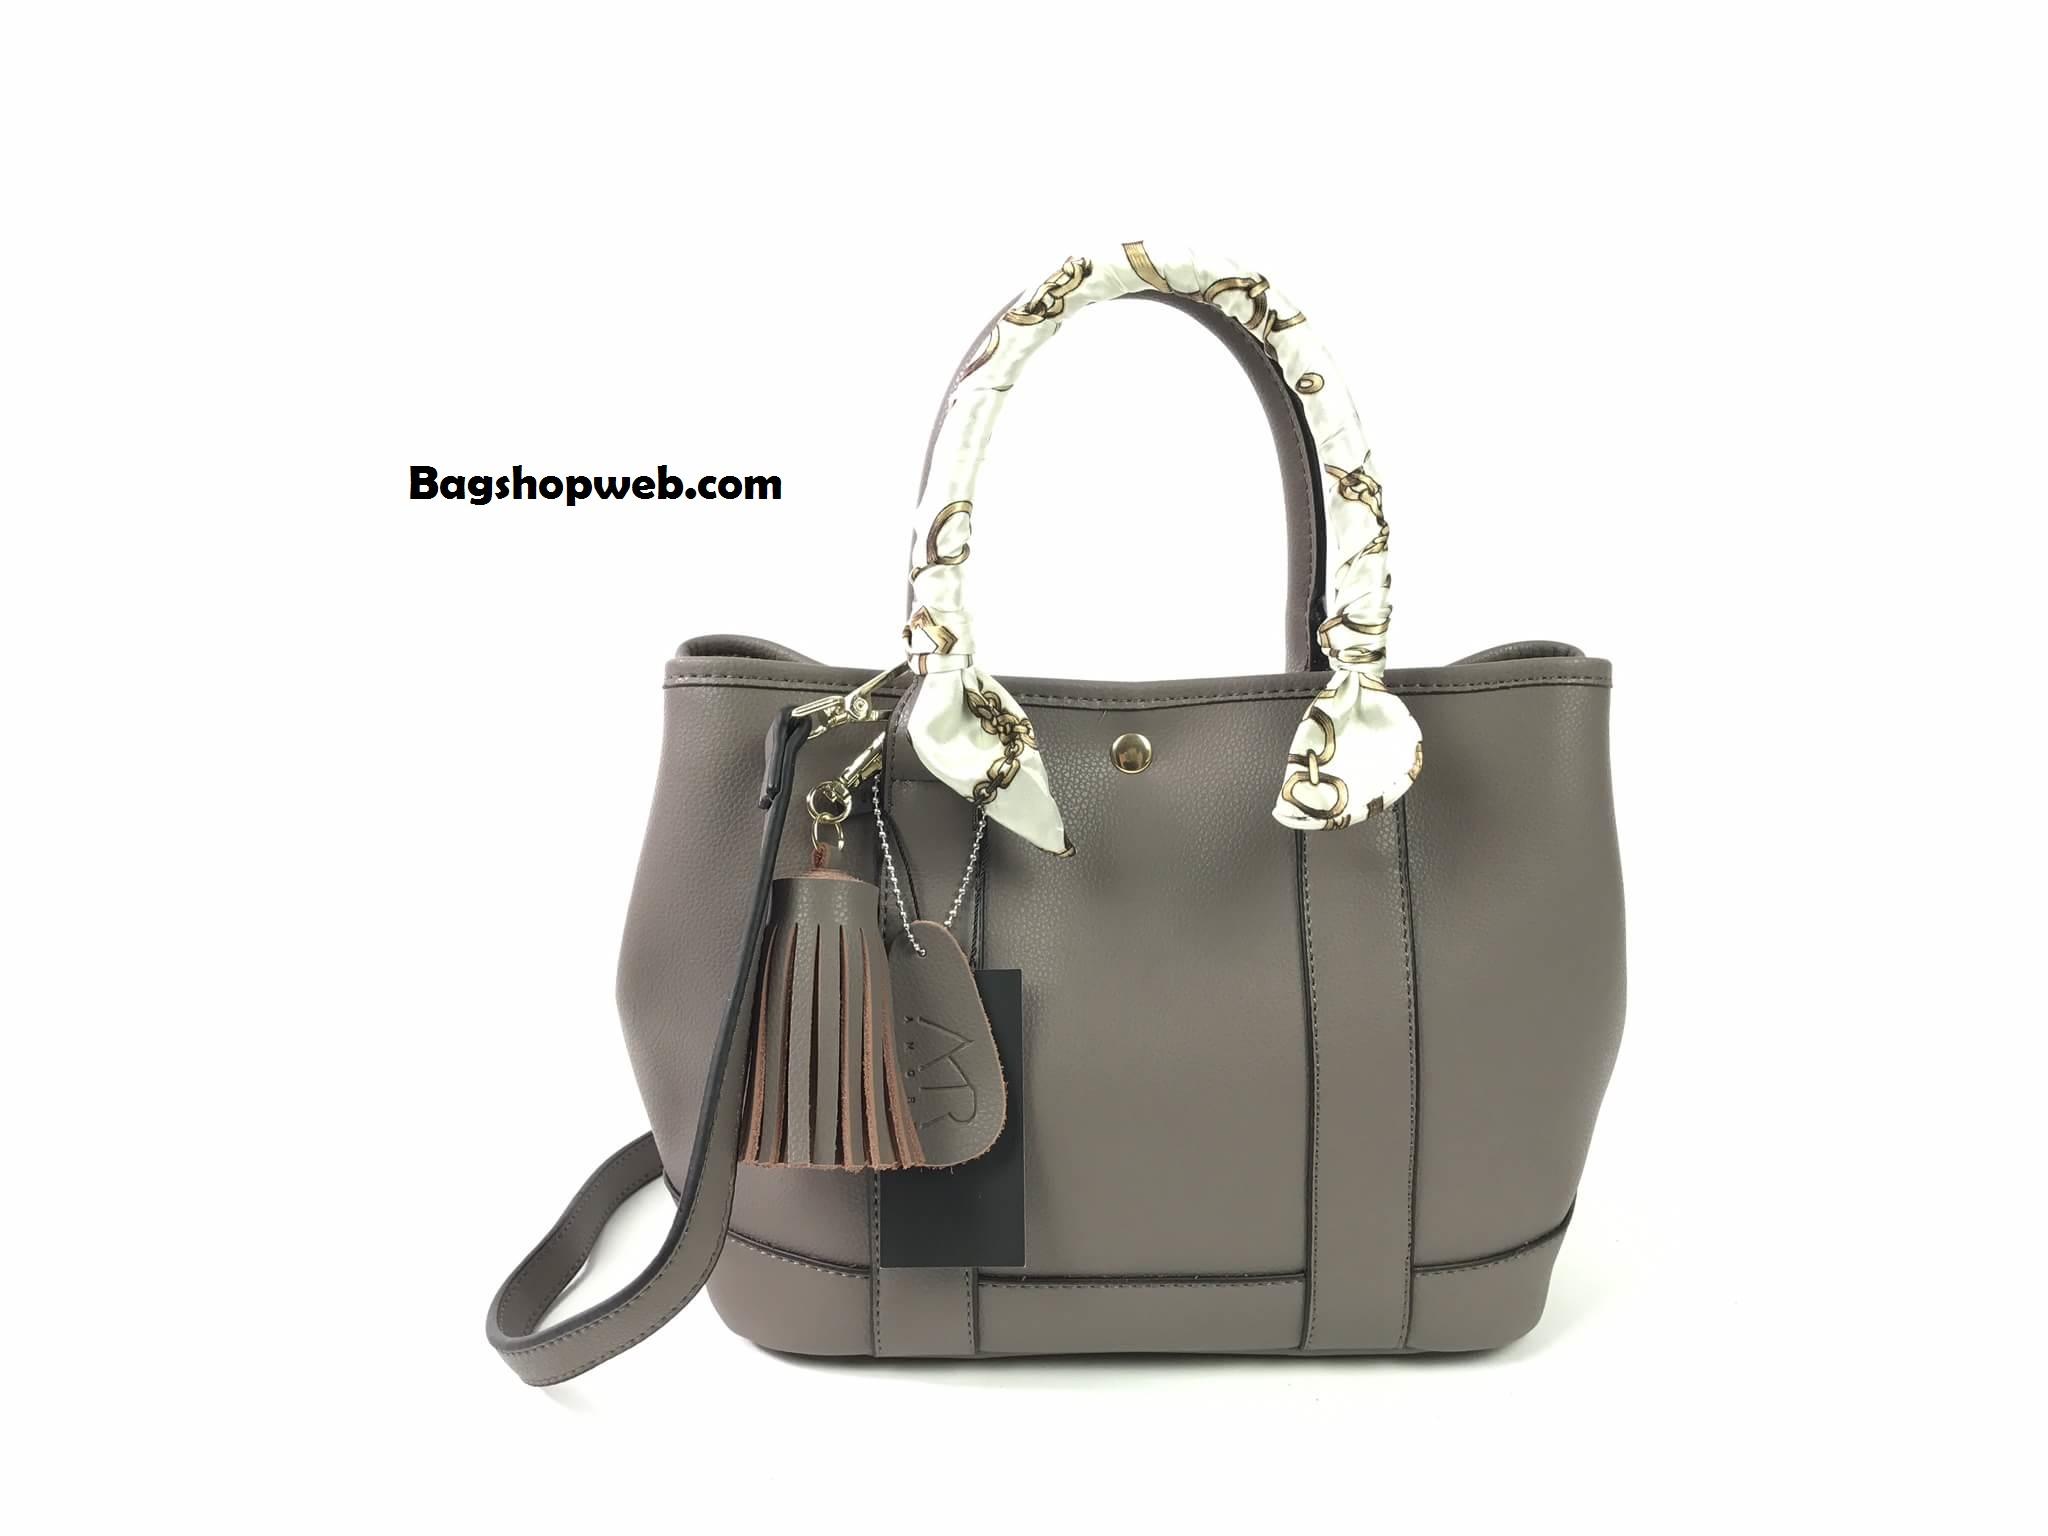 กระเป๋า Amory Twilly bag กระเป๋าทรงถือ กระเป๋าหนังแท้ ทรงสุดฮอต สีเทา